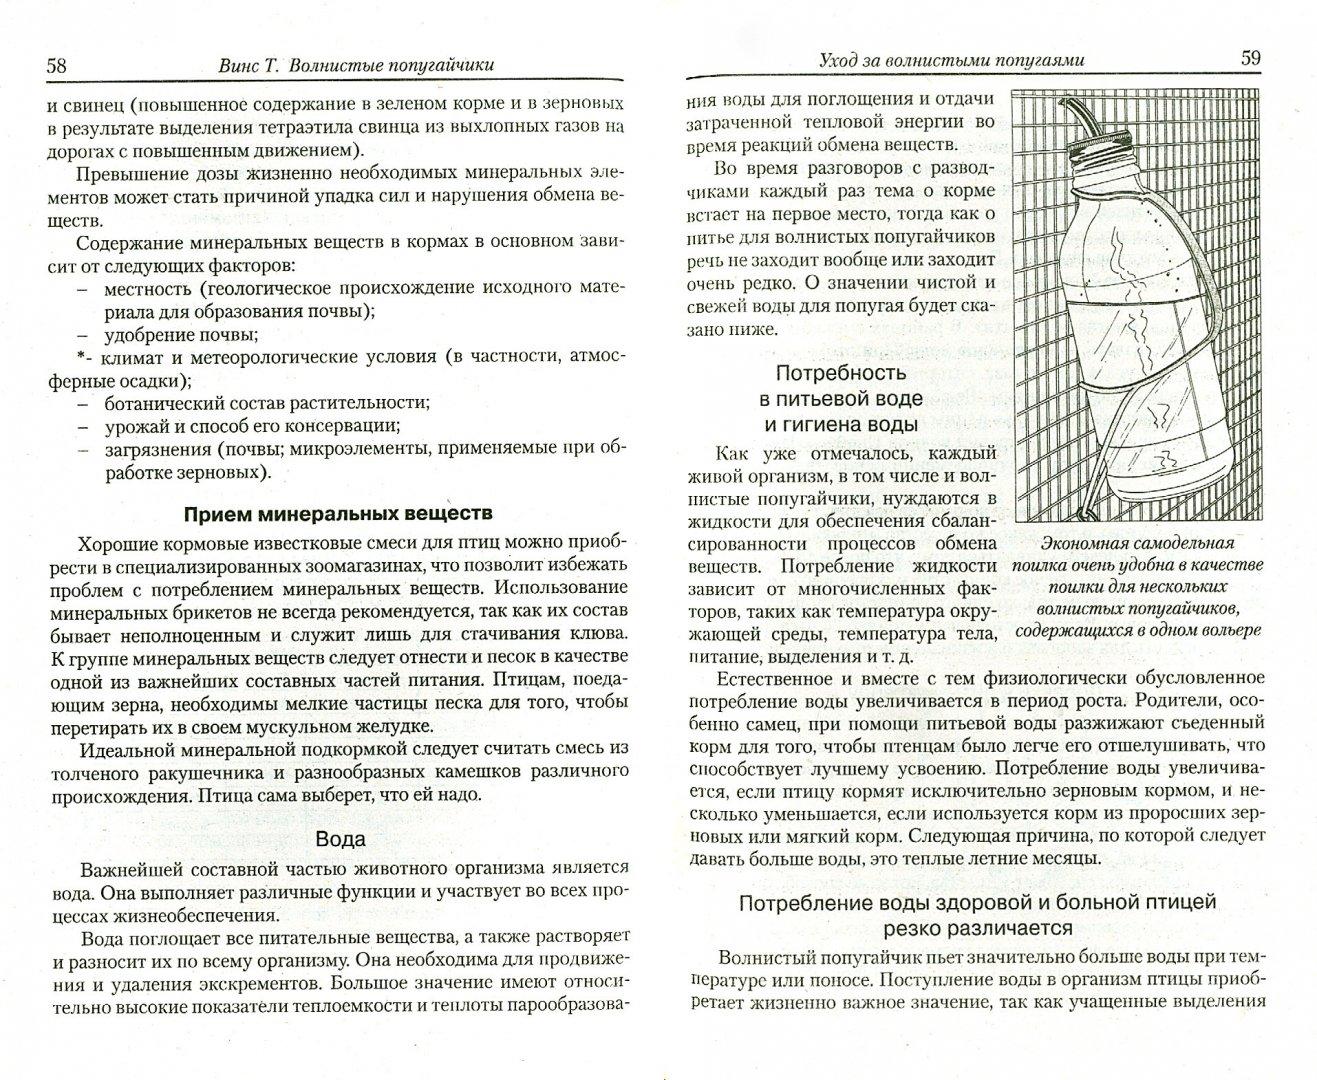 Иллюстрация 1 из 6 для Волнистые попугайчики. 89 вариаций. Содержание. Кормление. Разведение. Профилактика заболеваний - Тео Винс   Лабиринт - книги. Источник: Лабиринт